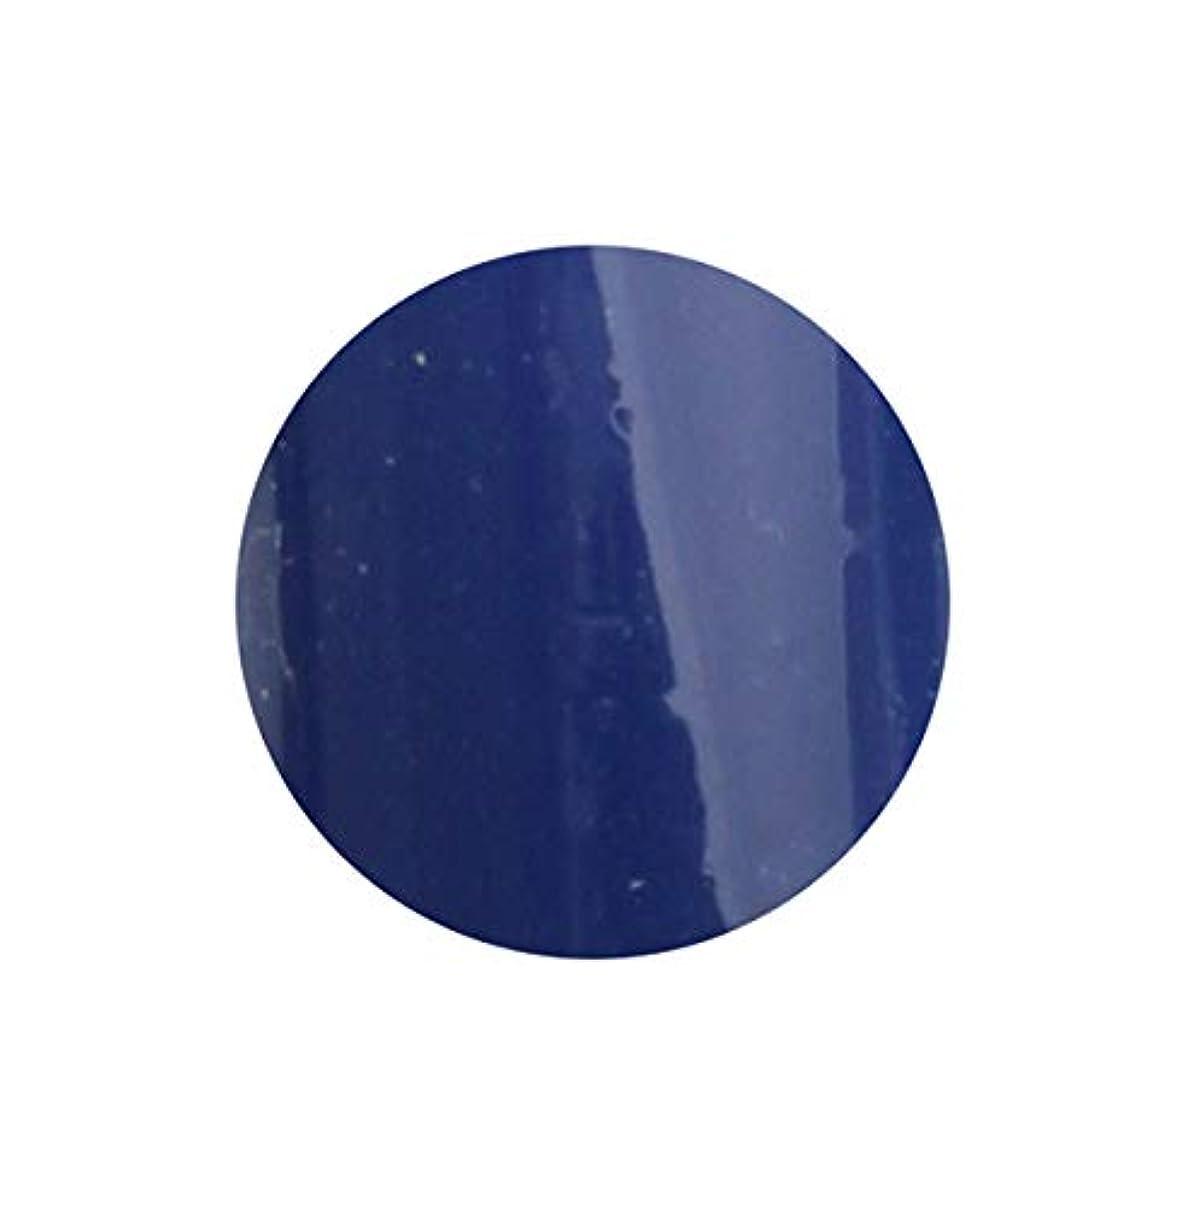 復讐スカイ位置づけるSHAREYDVA シャレドワ+ ネイルカラー No.34 ロイヤルブルー